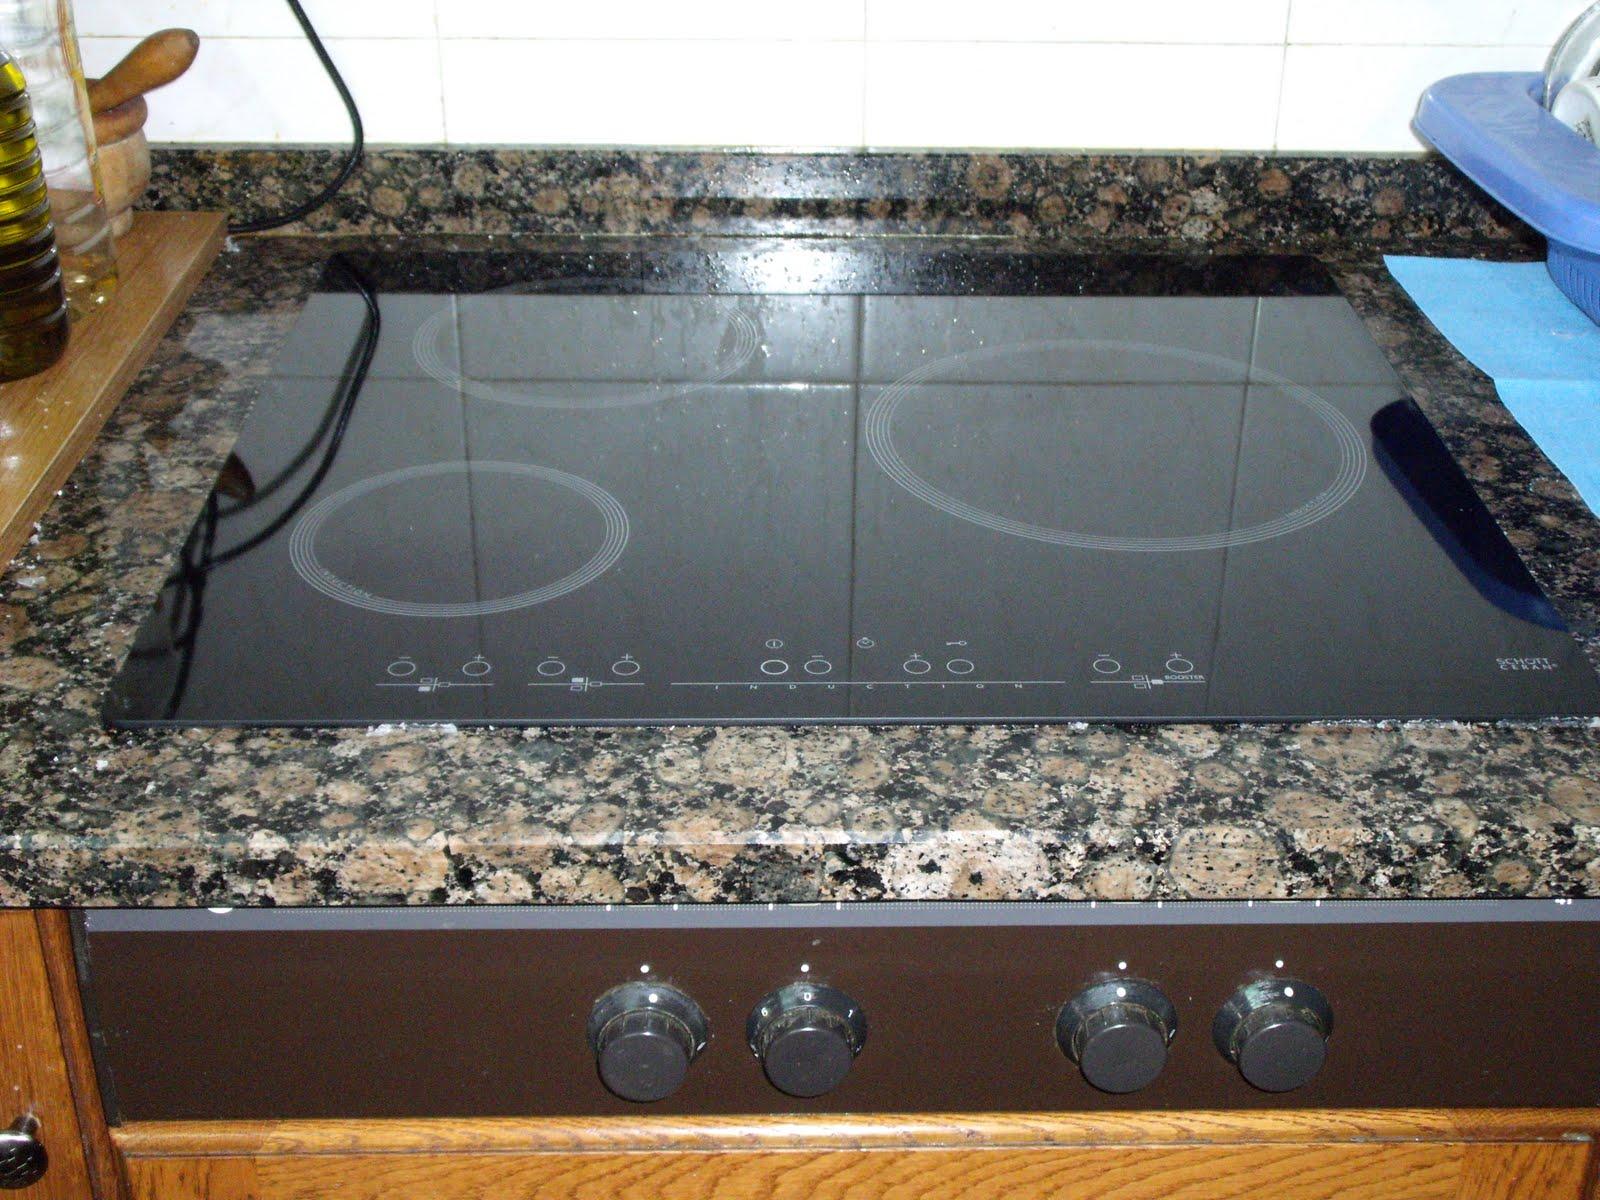 Dudas tecnol gicas cocina vitrocer mica for Cocina vitroceramica a gas